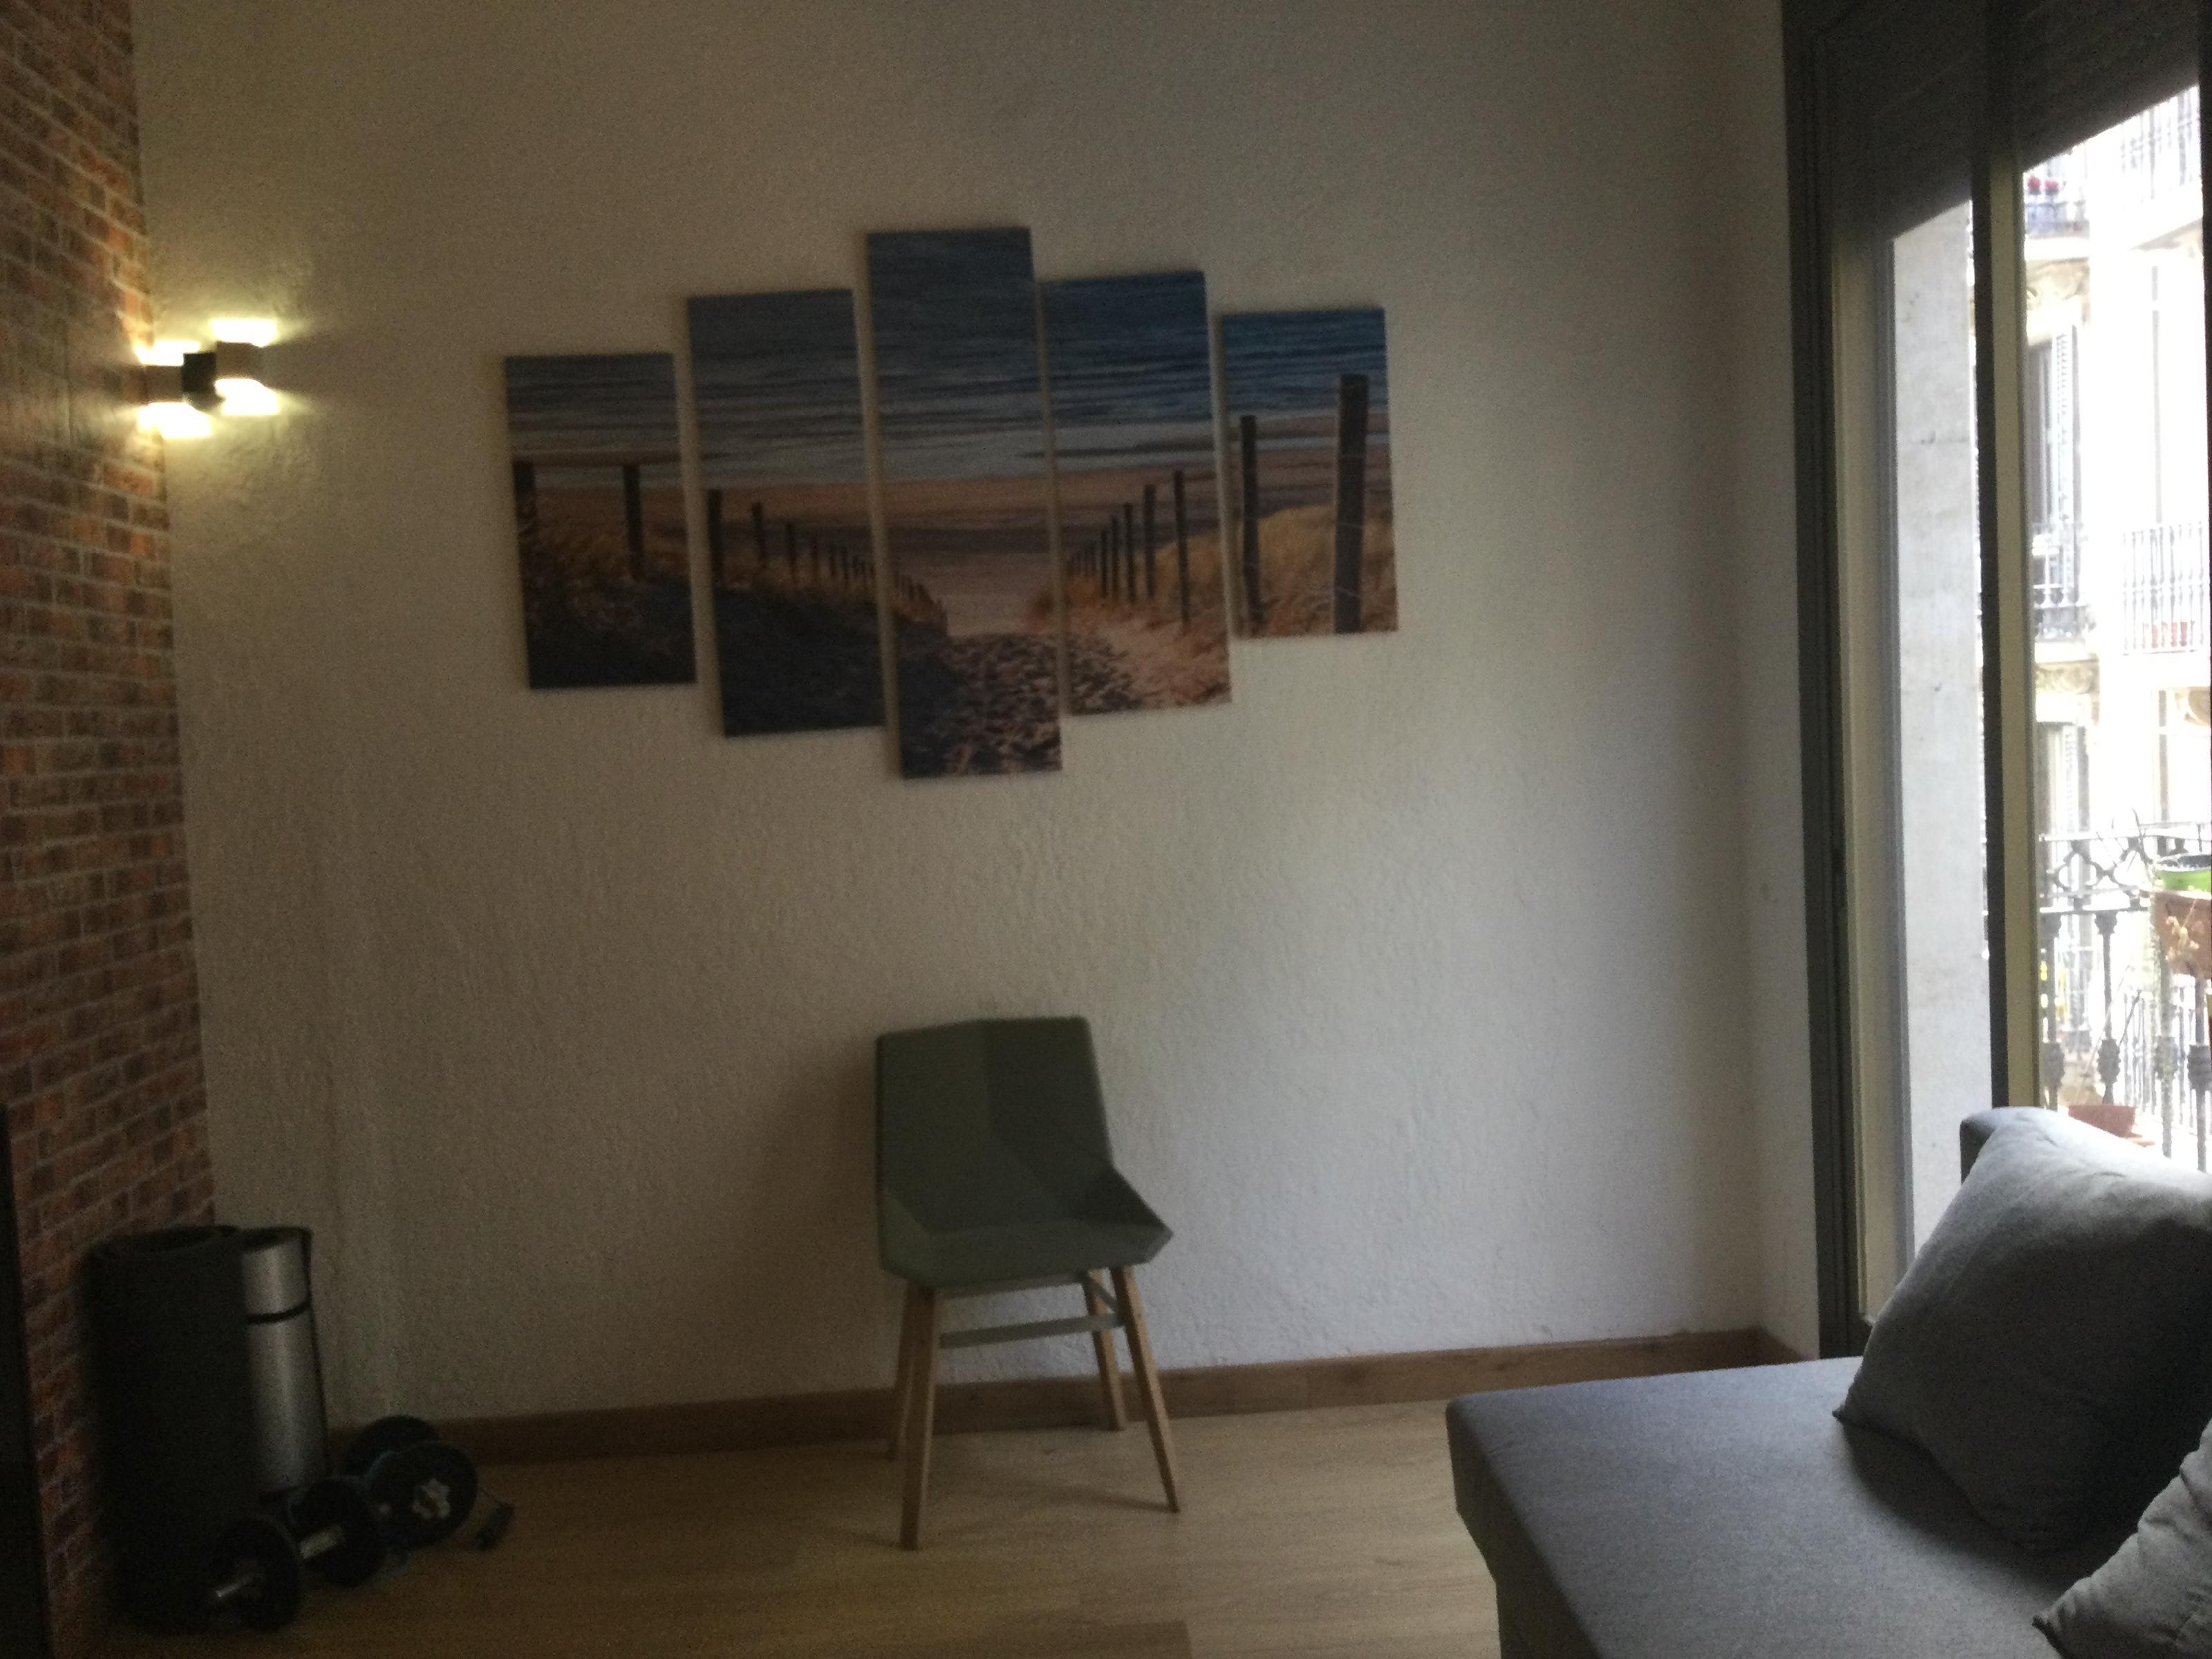 Imagen 2 Piso en venta en Barcelona / Junto a la Rambla y a 1 minuto de la Boqueria